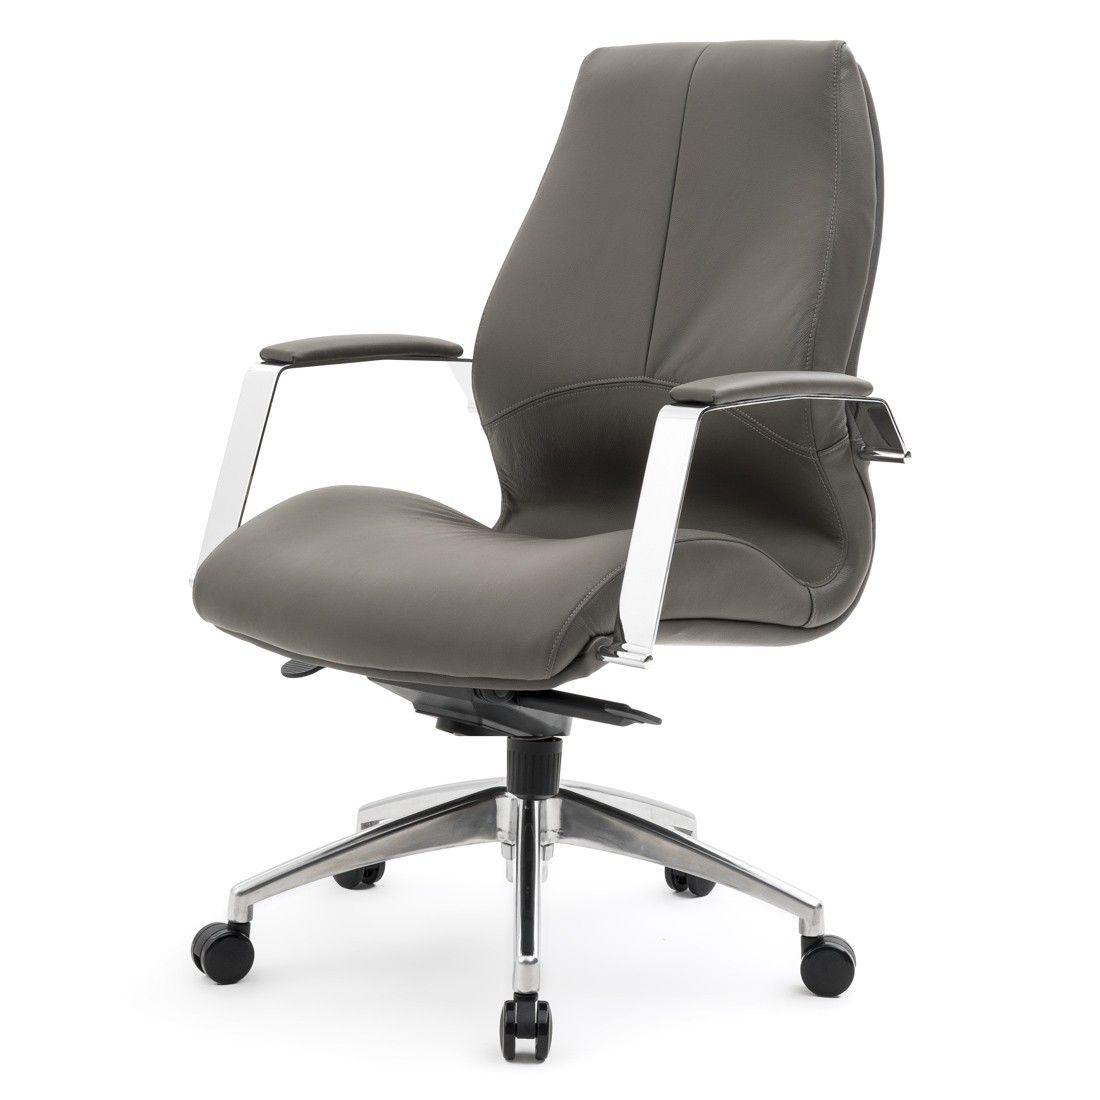 Chaises de bureau luna mobilia office pinterest for Mobilia furniture hire